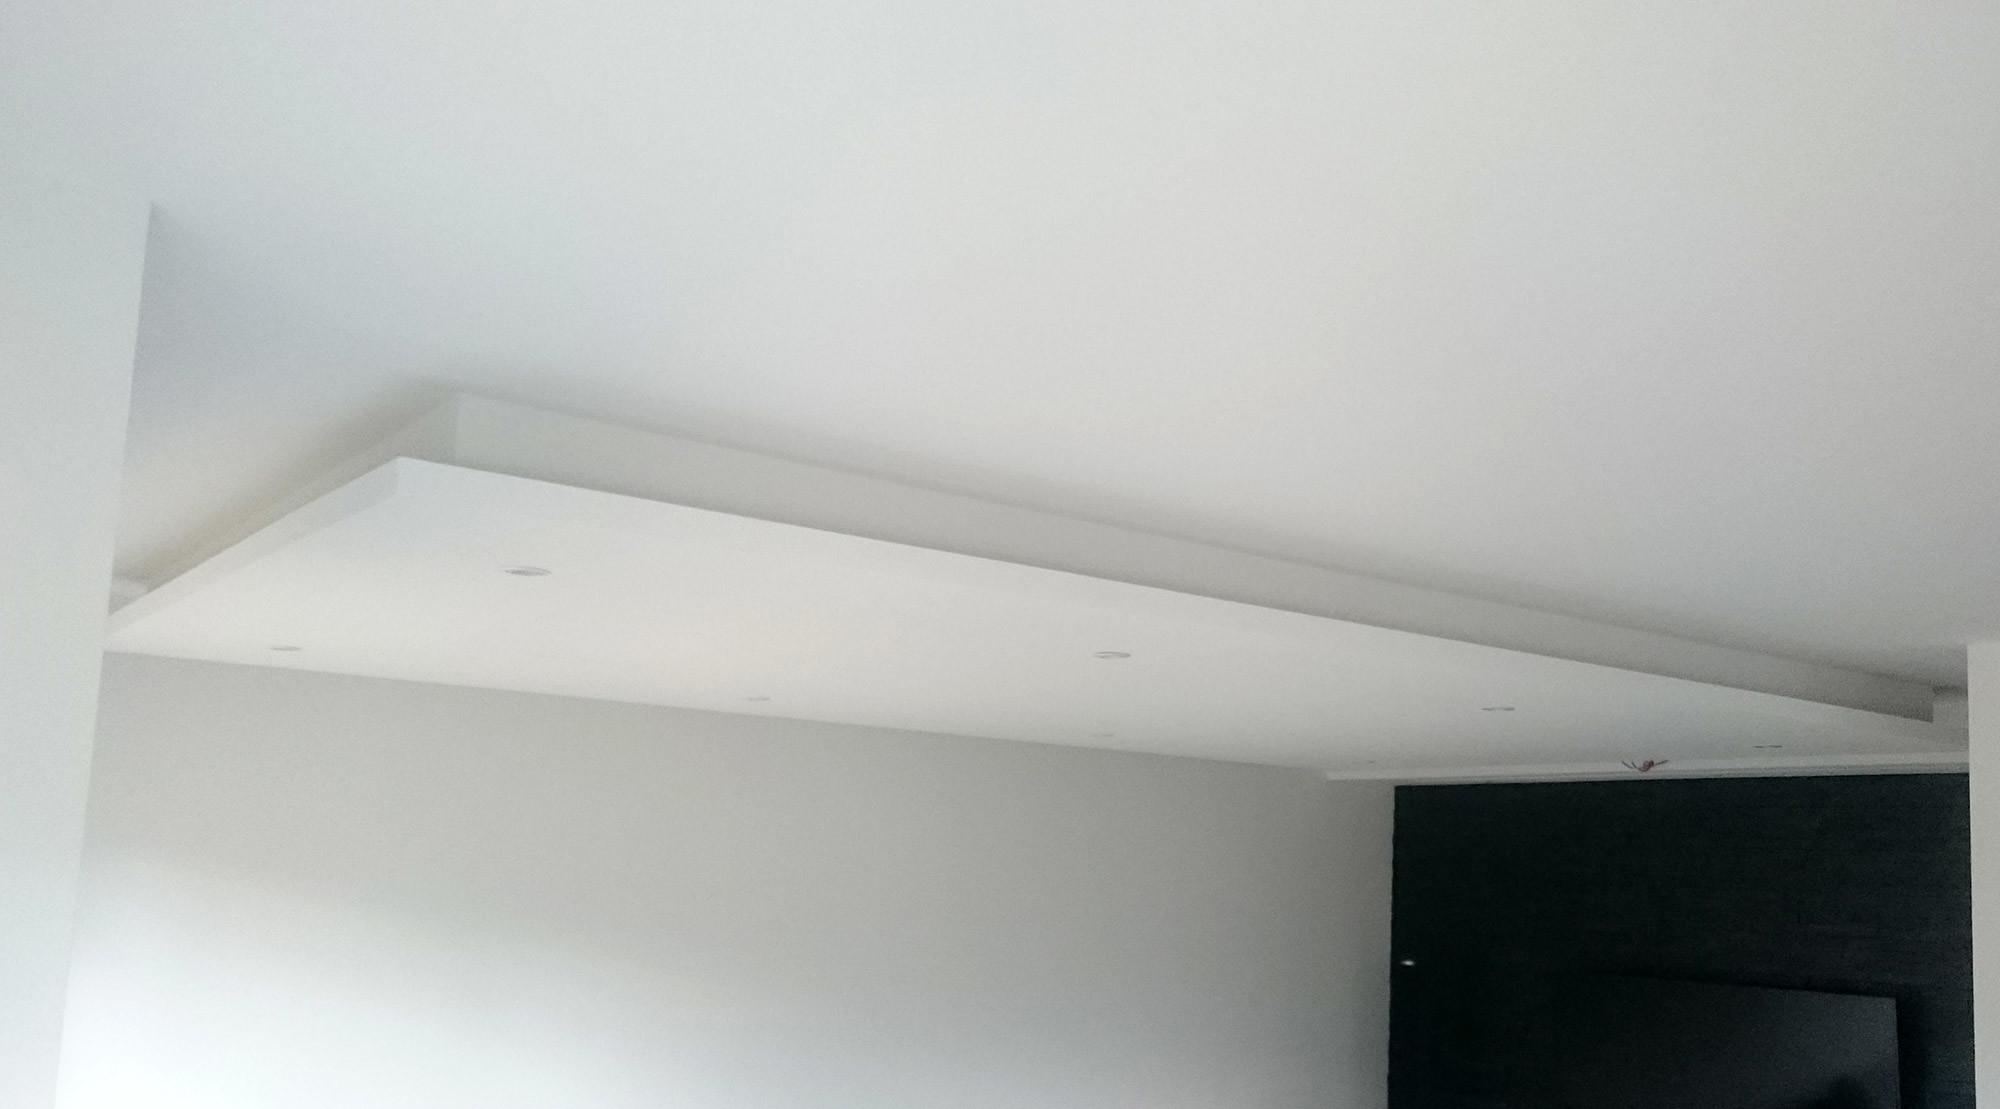 Full Size of Abgehngte Decke Mit Indirekter Beleuchtung Lichtvouten Fenster Deckenleuchten Wohnzimmer Led Deckenleuchte Küche Badezimmer Schlafzimmer Deckenlampe Esstisch Wohnzimmer Indirekte Beleuchtung Decke